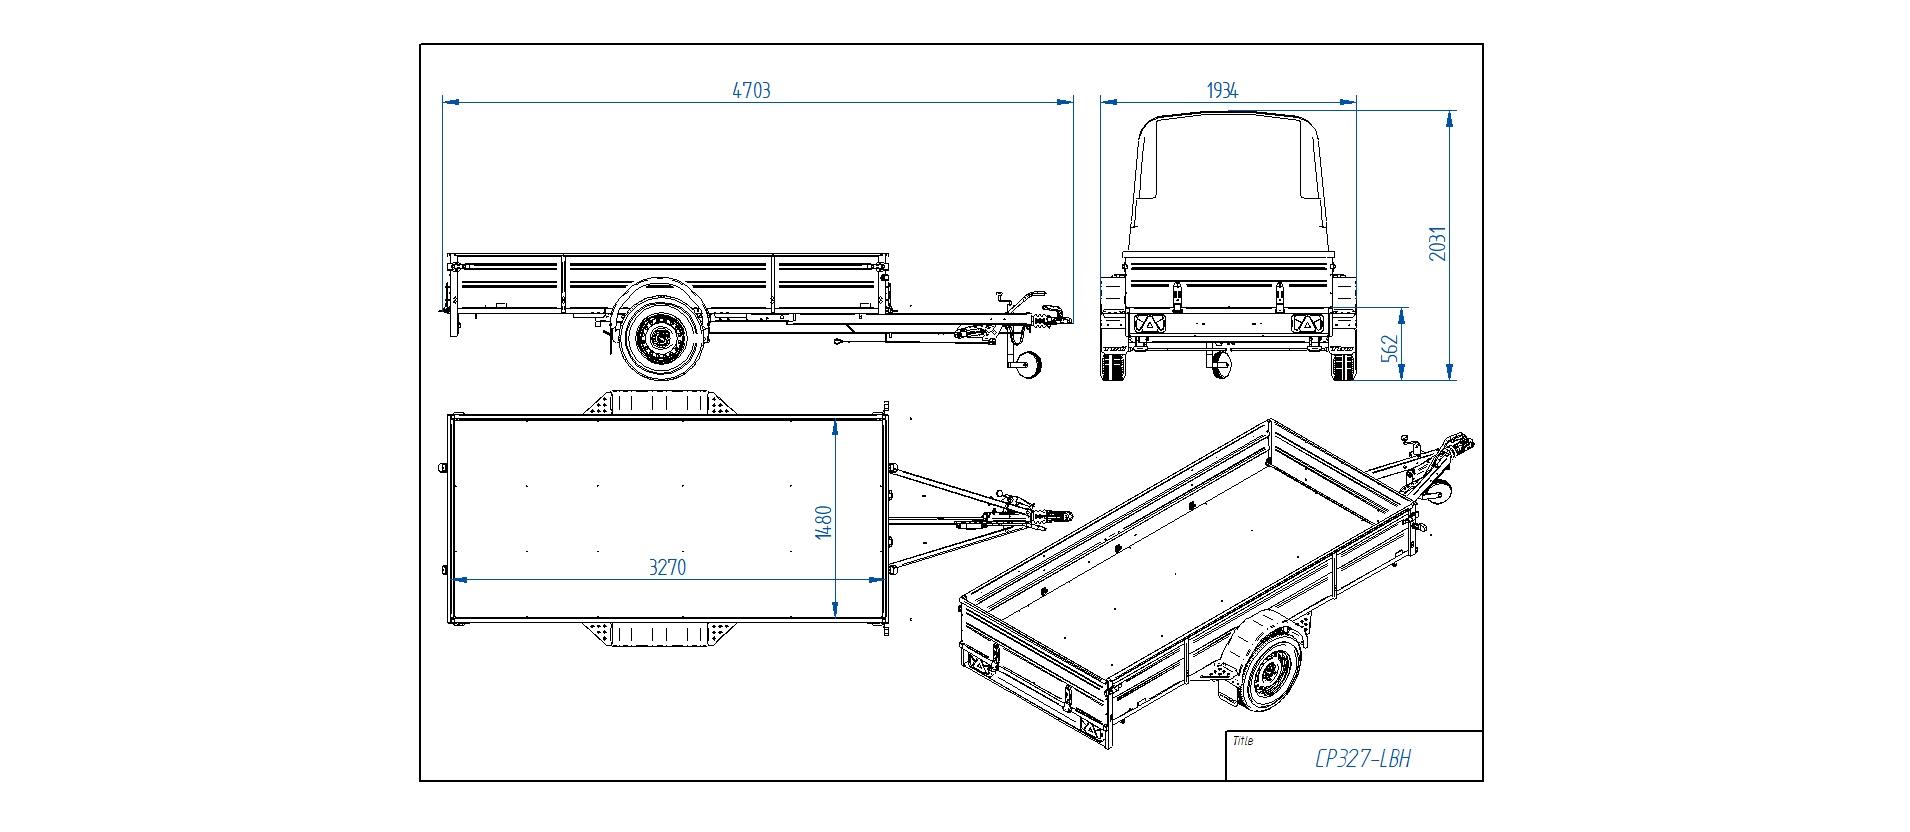 CP327-LBH  [Priekabų standartinė įranga gali skirtis nuo pavaizduotos komplektacijos paveiksliuke]